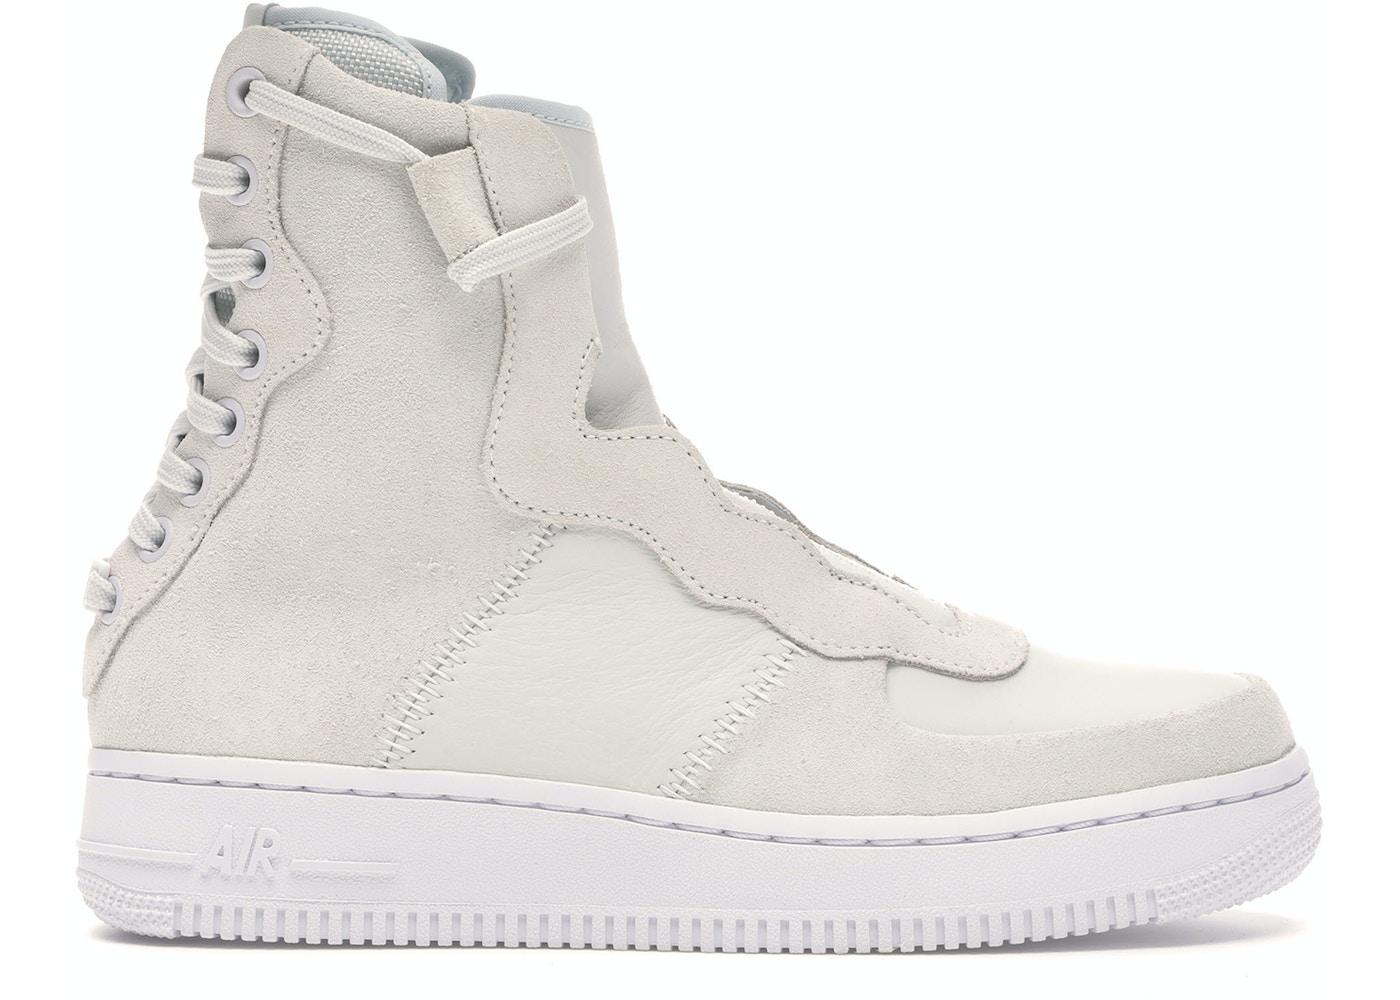 como eso lona Negligencia médica  Nike Air Force 1 Rebel XX Off White (W) - AO1525-100